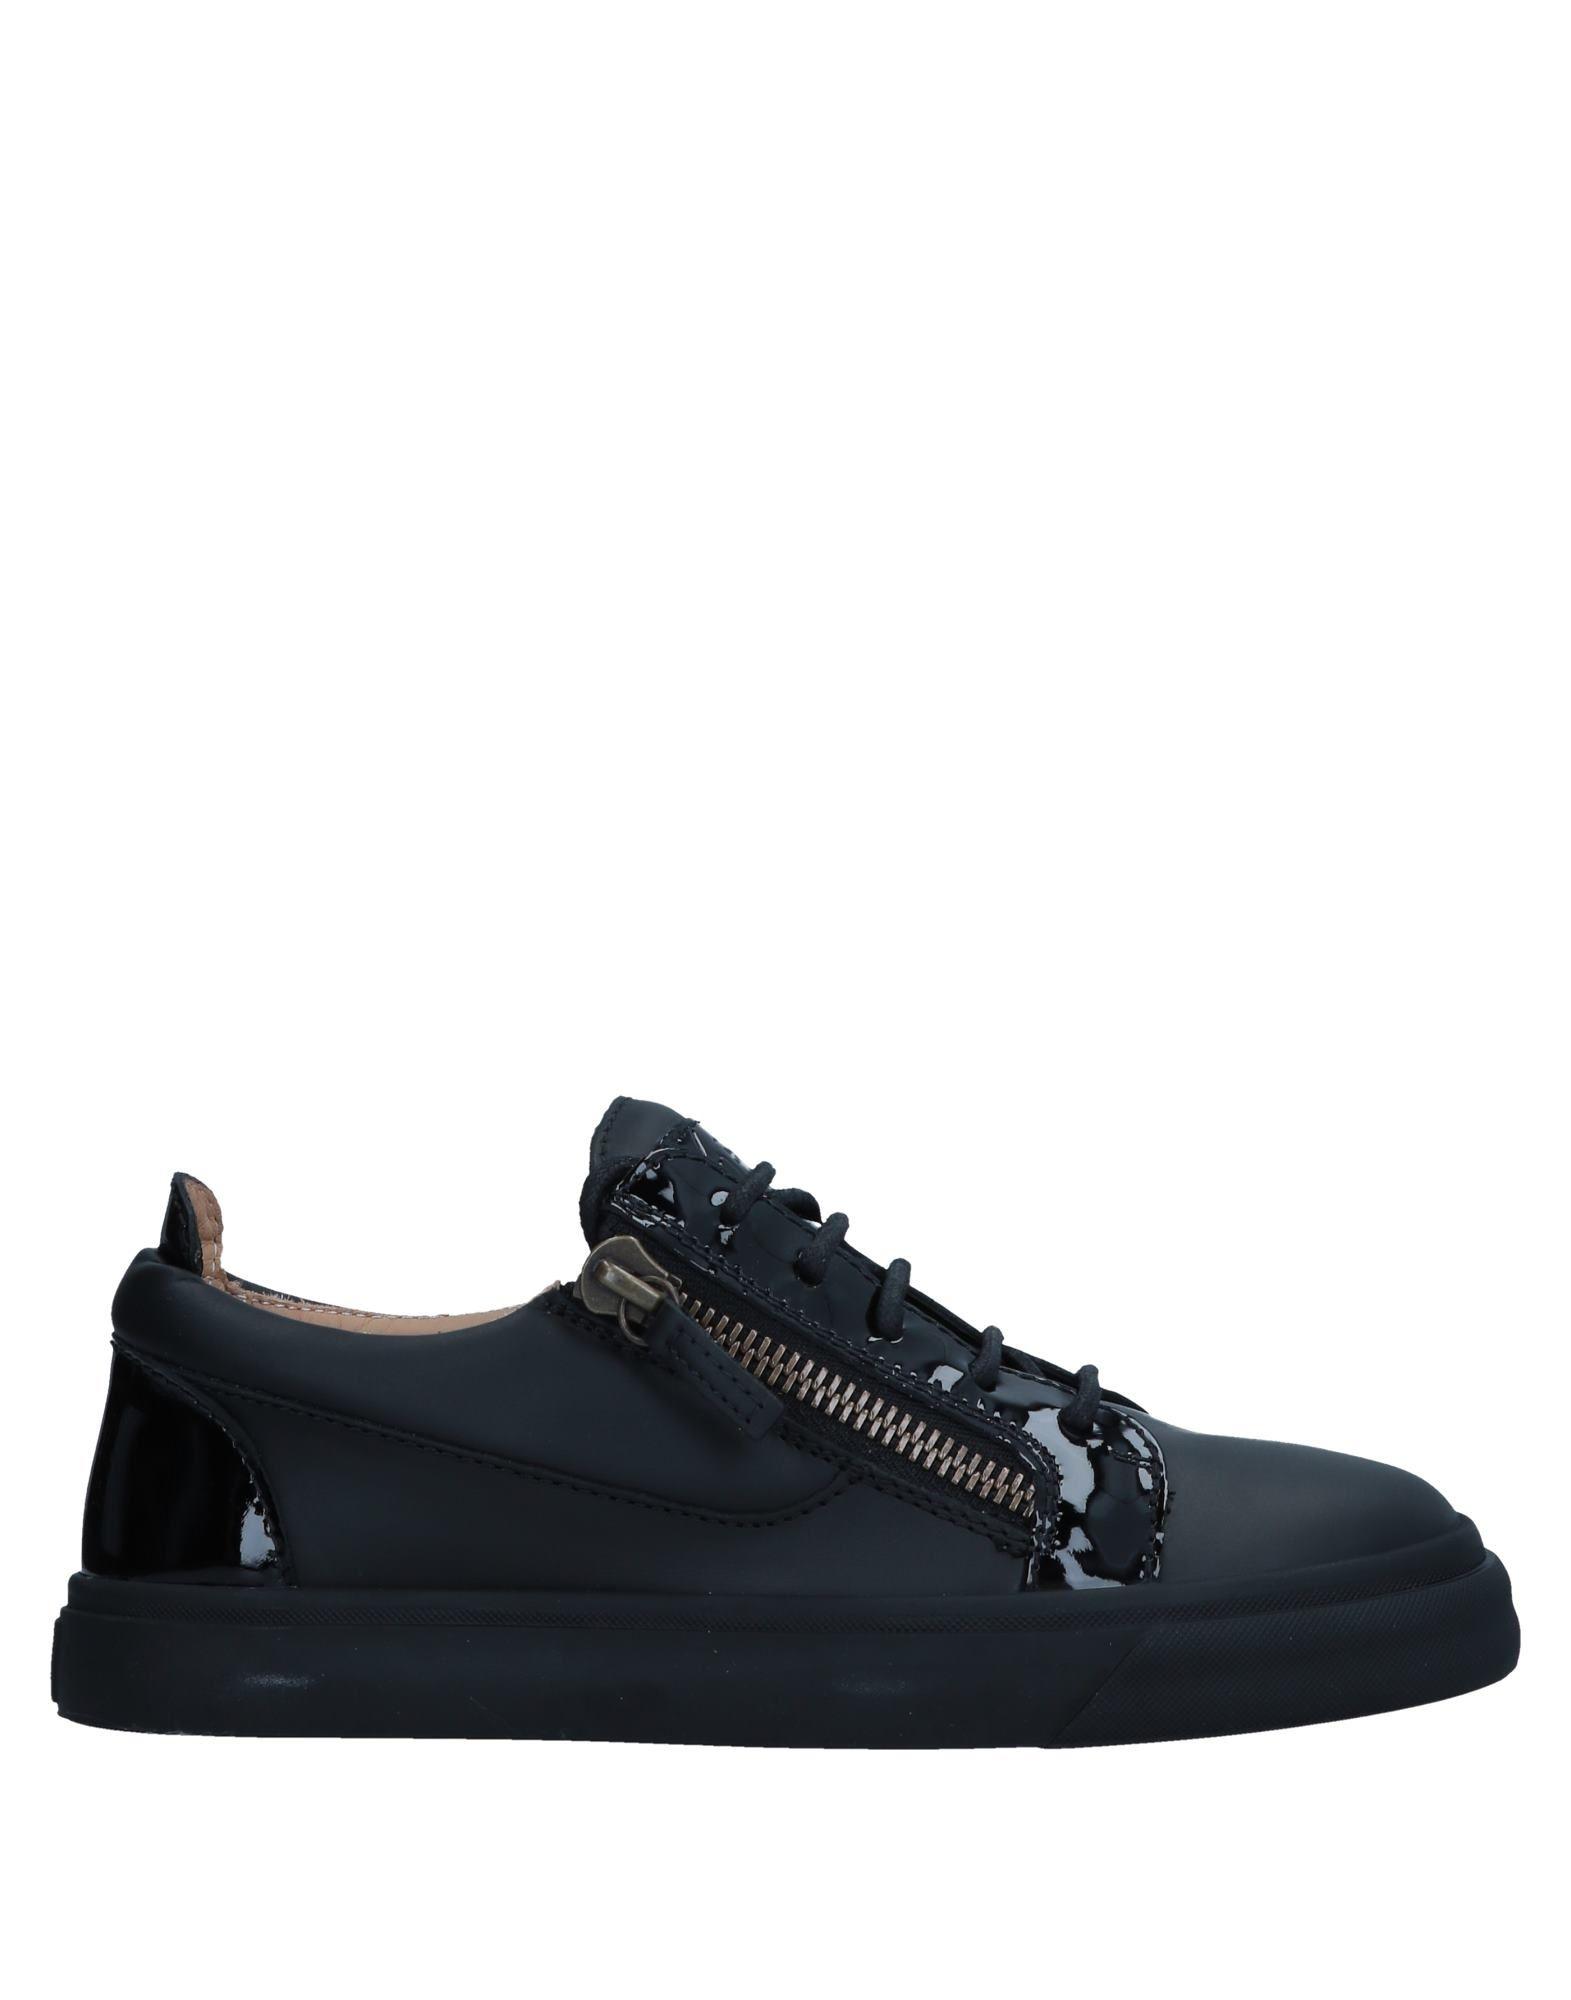 Zapatos Mujer casuales salvajes Zapatillas Giuseppe Zanotti Mujer Zapatos - Zapatillas Giuseppe Zanotti  Negro 59cf54